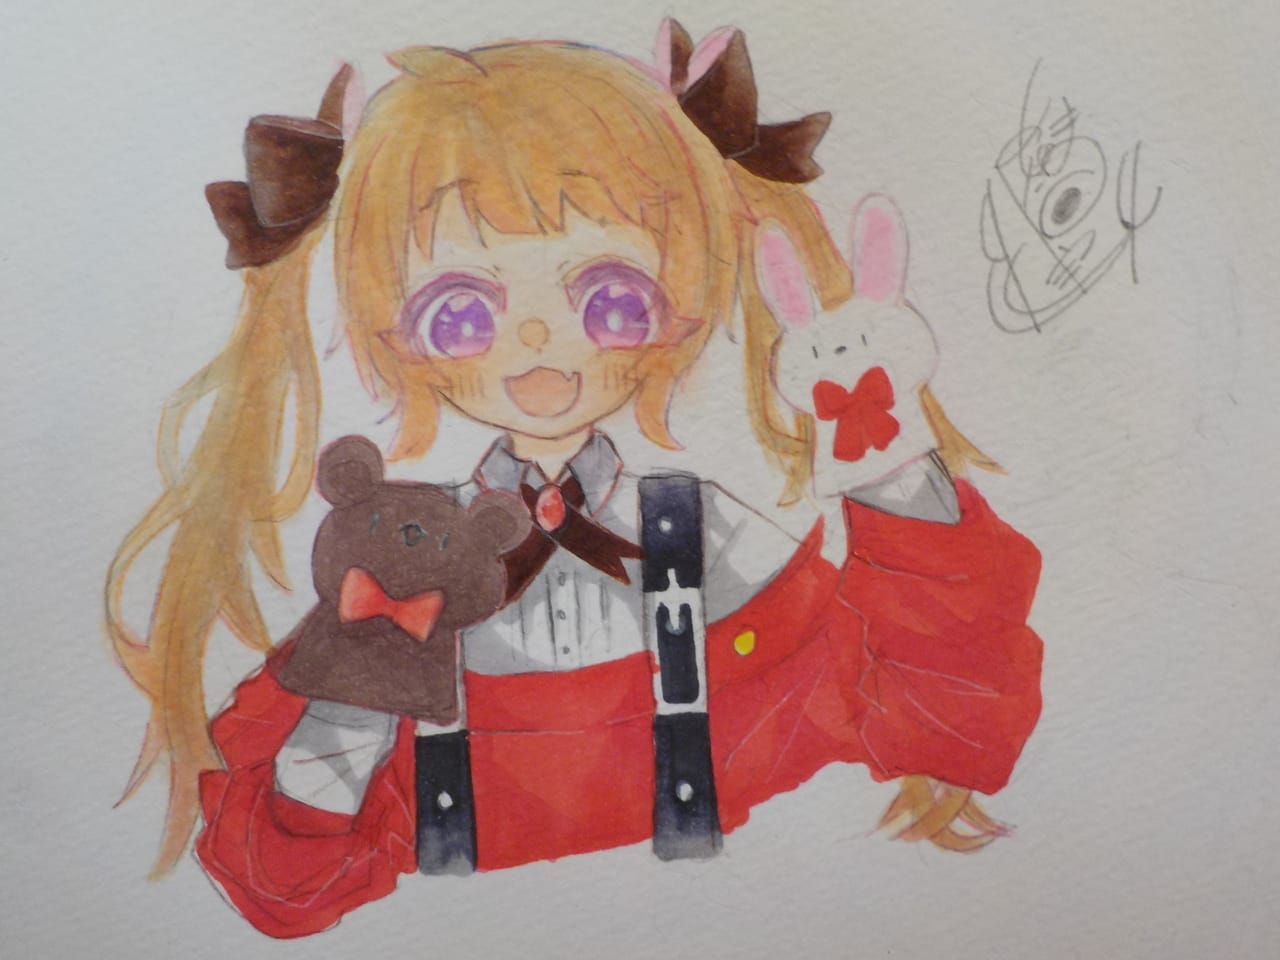 くまうさ!!!お人形劇 Illust of めだまやき#中2病 Copic angel AnalogDrawing Doll chibi アナログ くま丸。 代理ちゃん kawaii